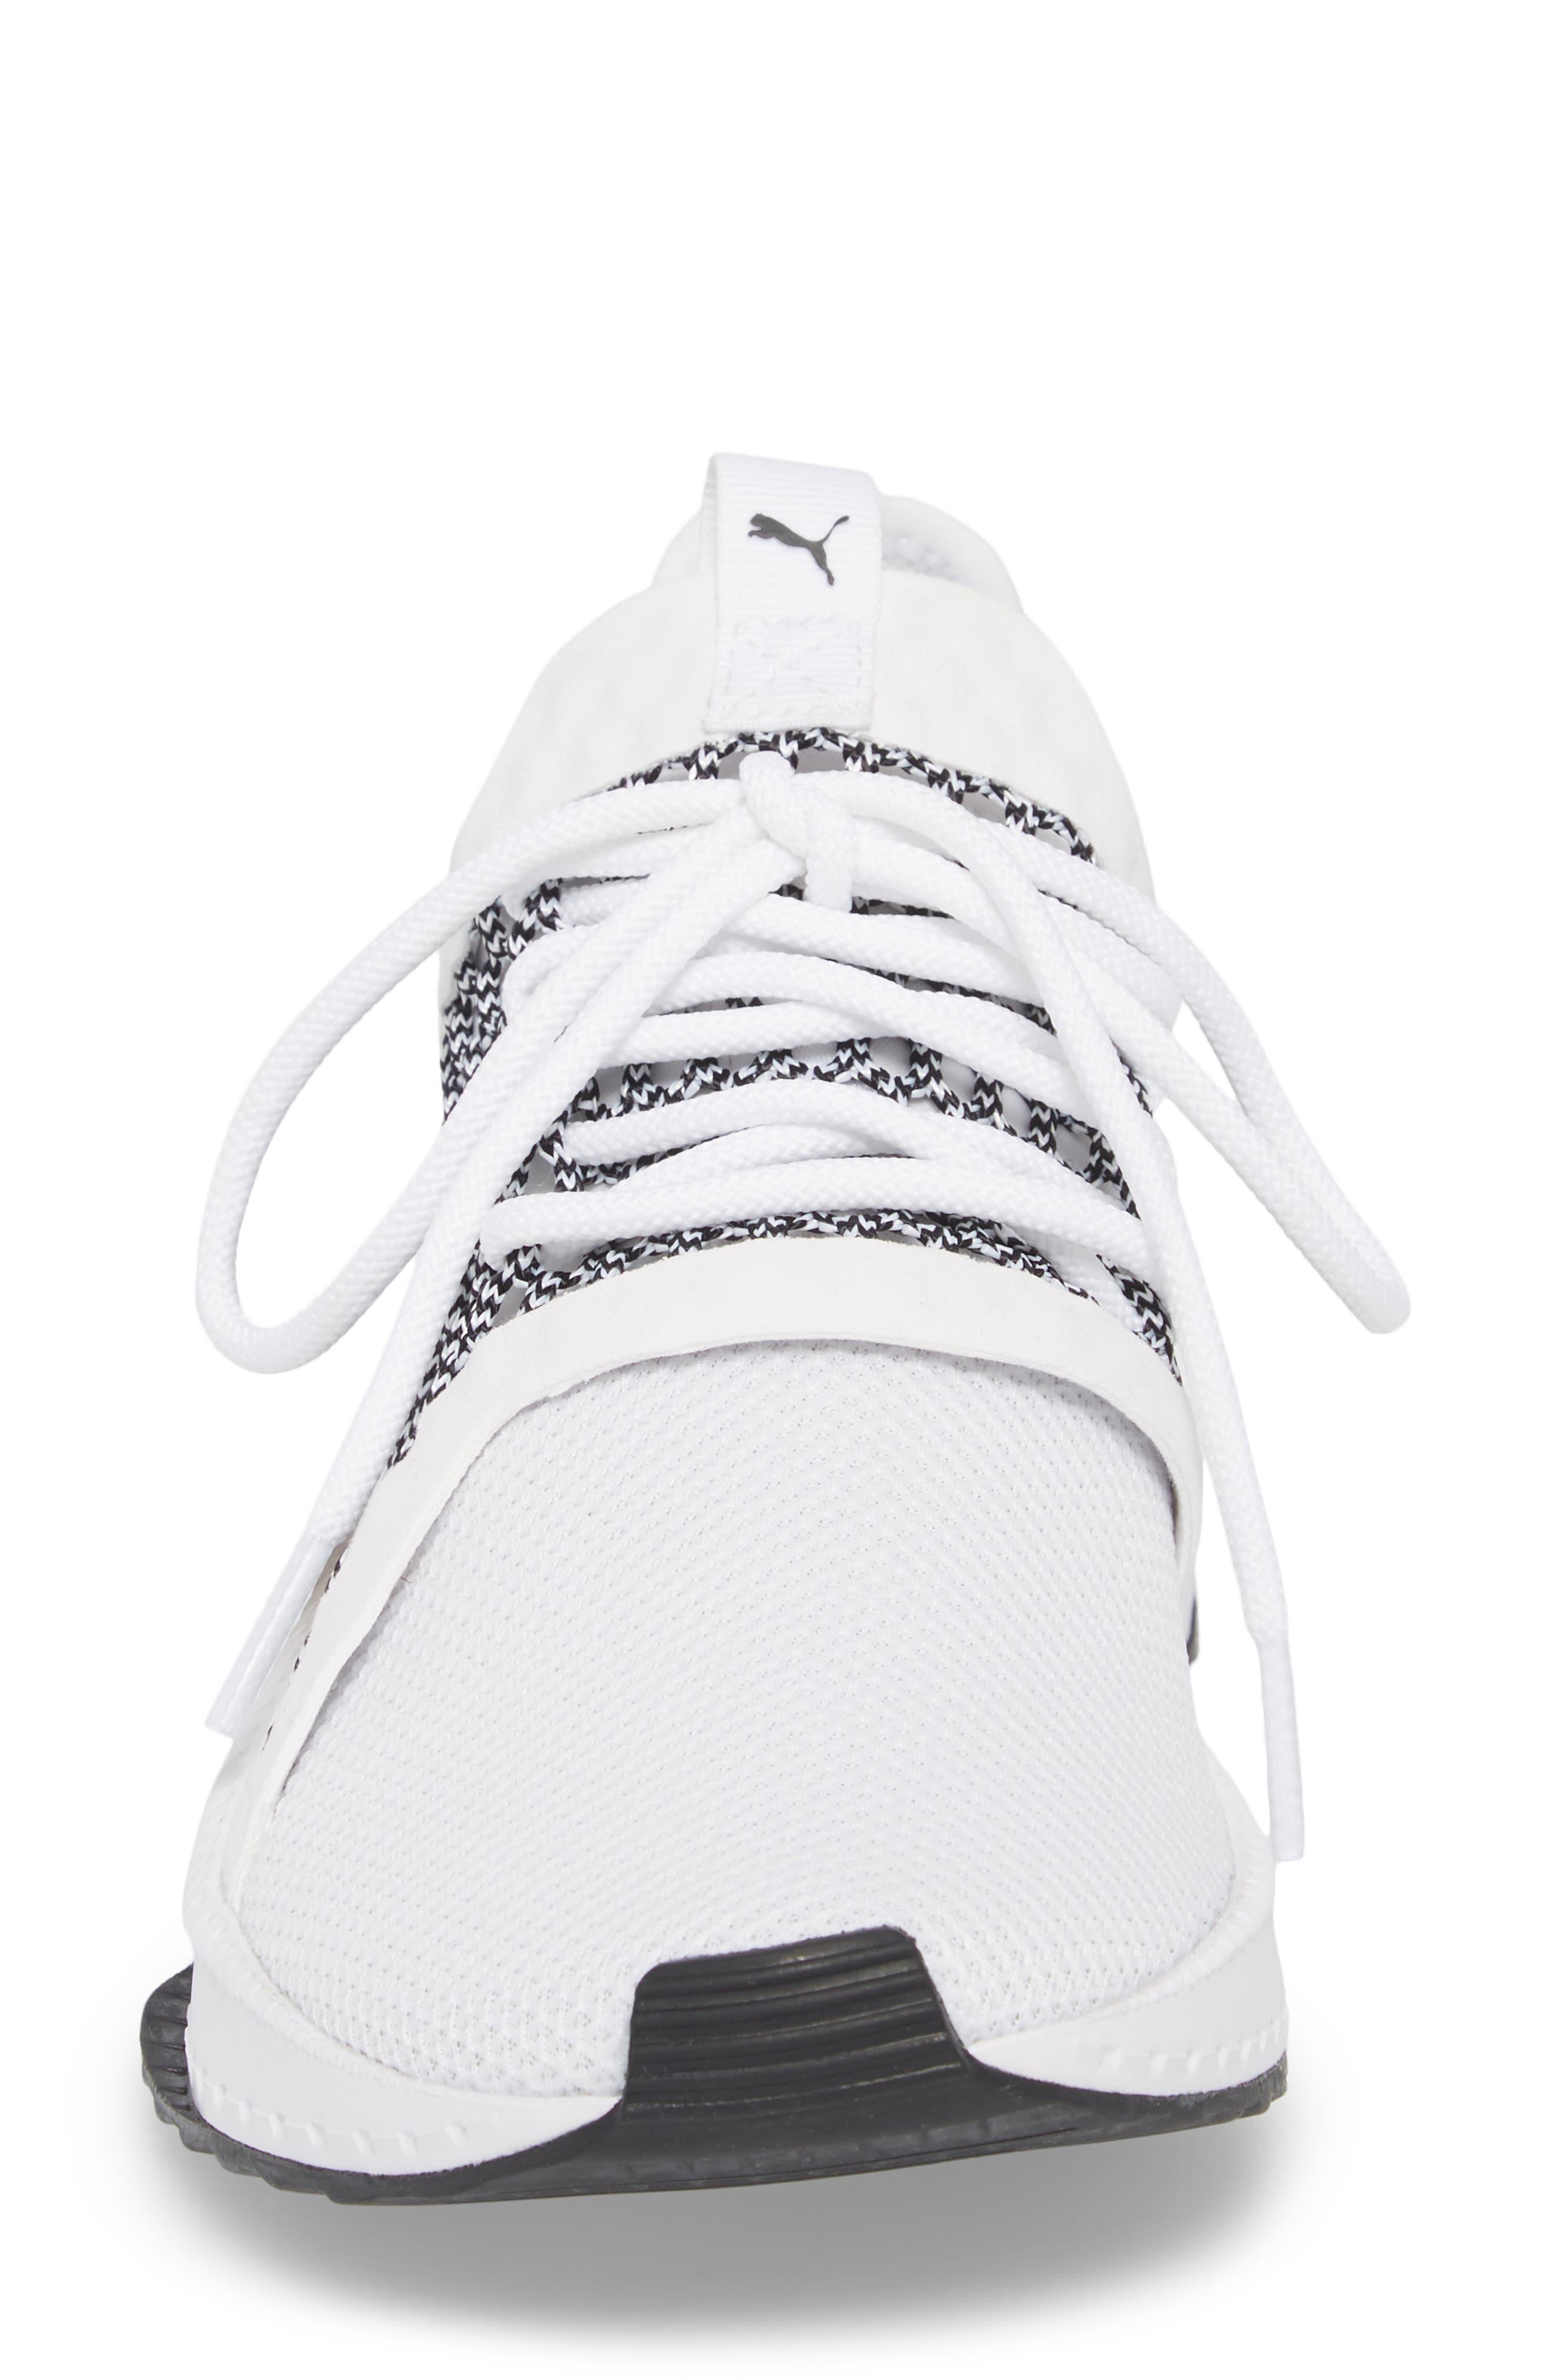 Tsugi Netfit evoKNIT Training Shoe,                             Alternate thumbnail 4, color,                             White/ Black